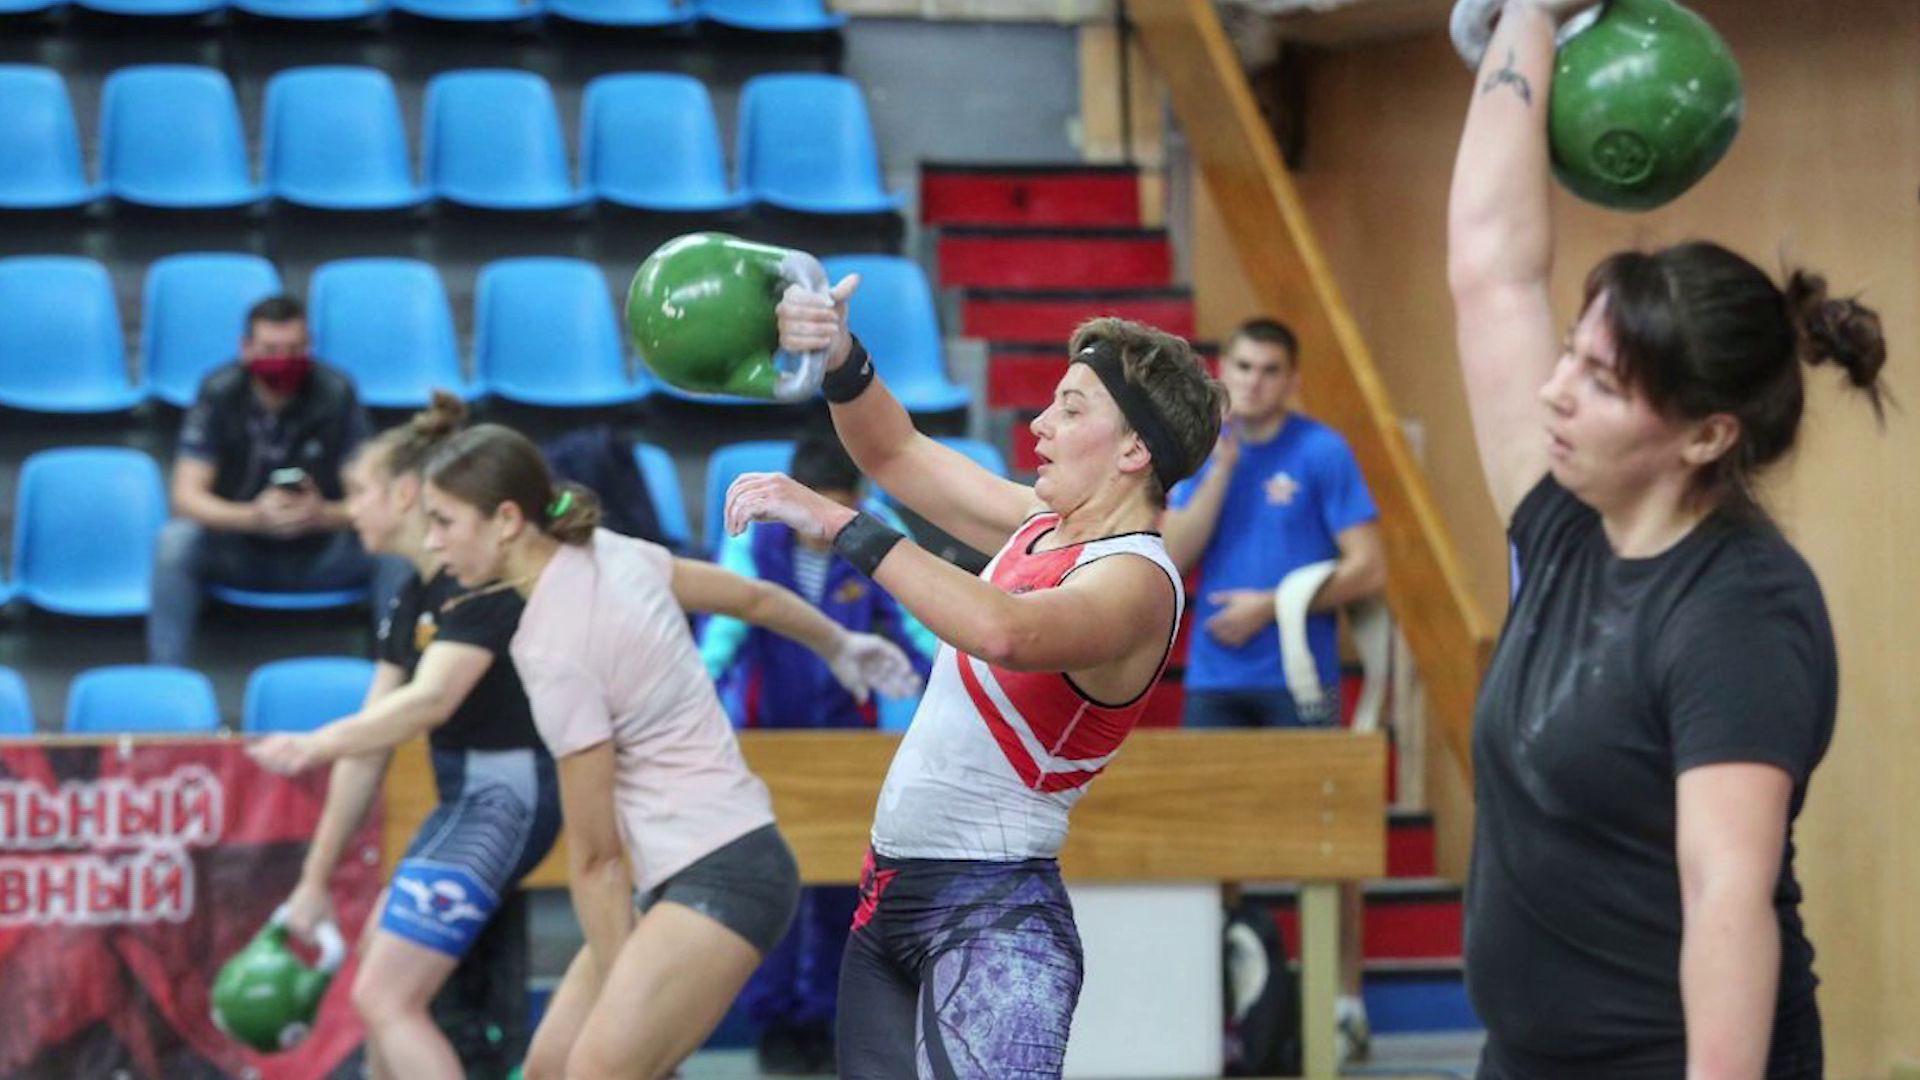 Ярославские десантники выступили на Кубке Вооруженных сил по гиревому спорту